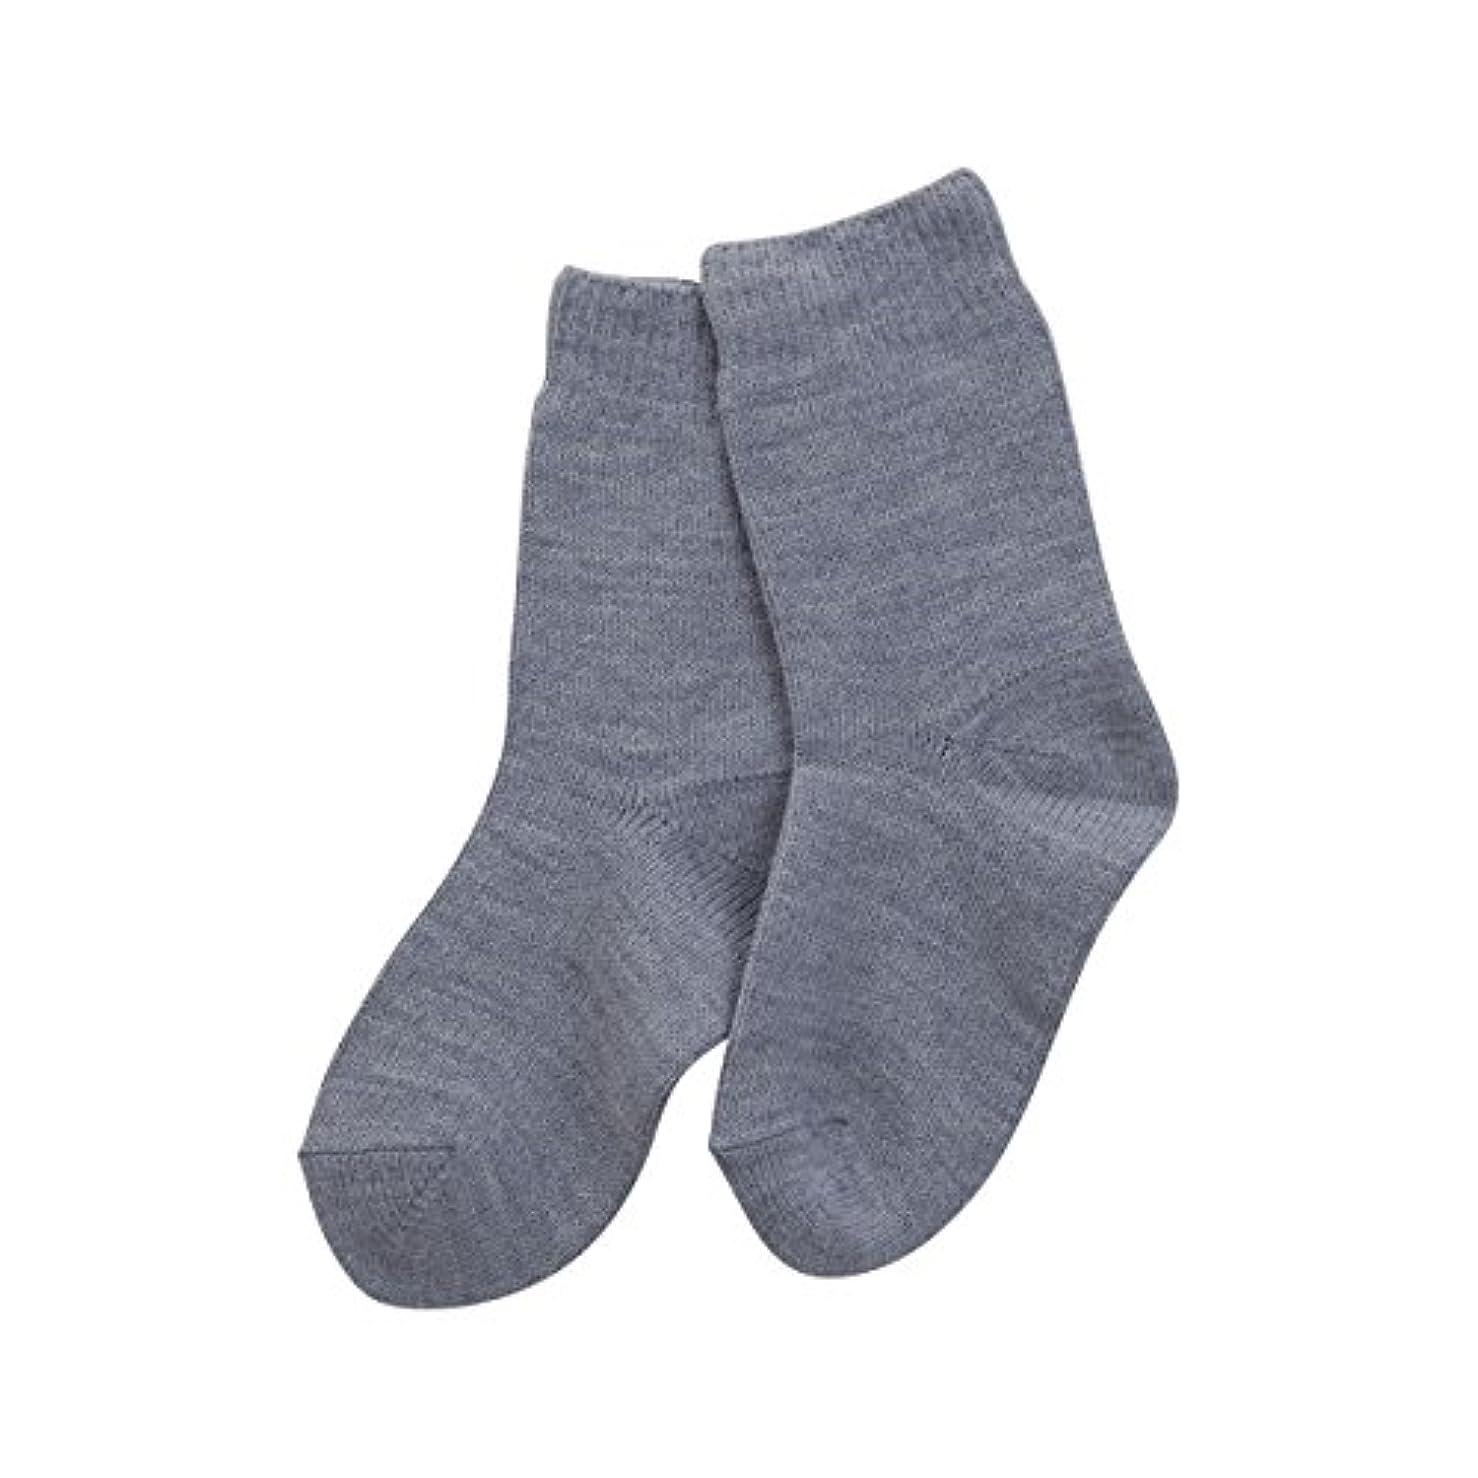 民兵進行中枯渇する(コベス) KOBES ゴムなし 毛混 超ゆったり特大サイズ 大きいサイズ 靴下 日本製 婦人靴下